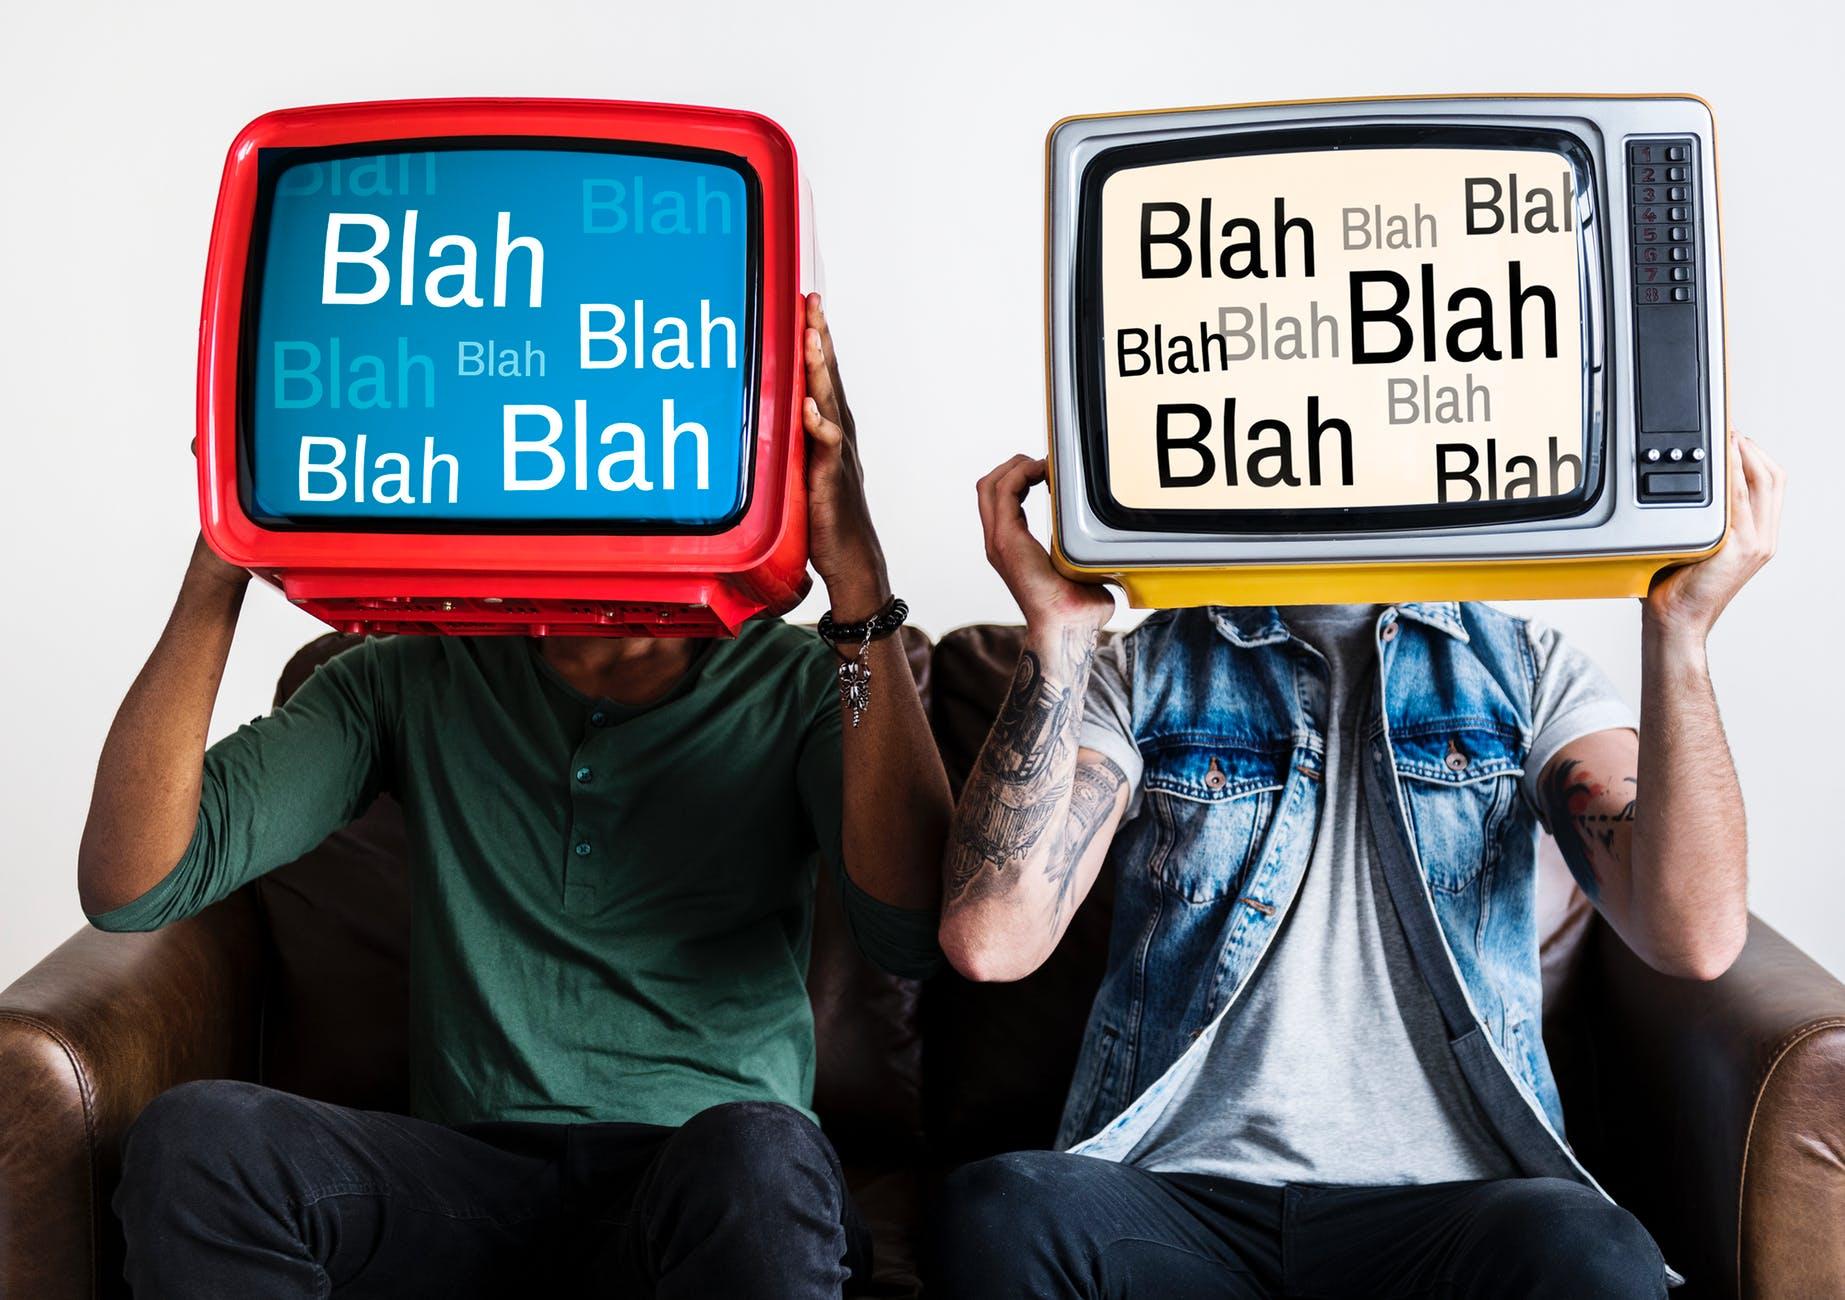 В следующие пять лет ТВ-реклама будет популярнее цифровой – исследование